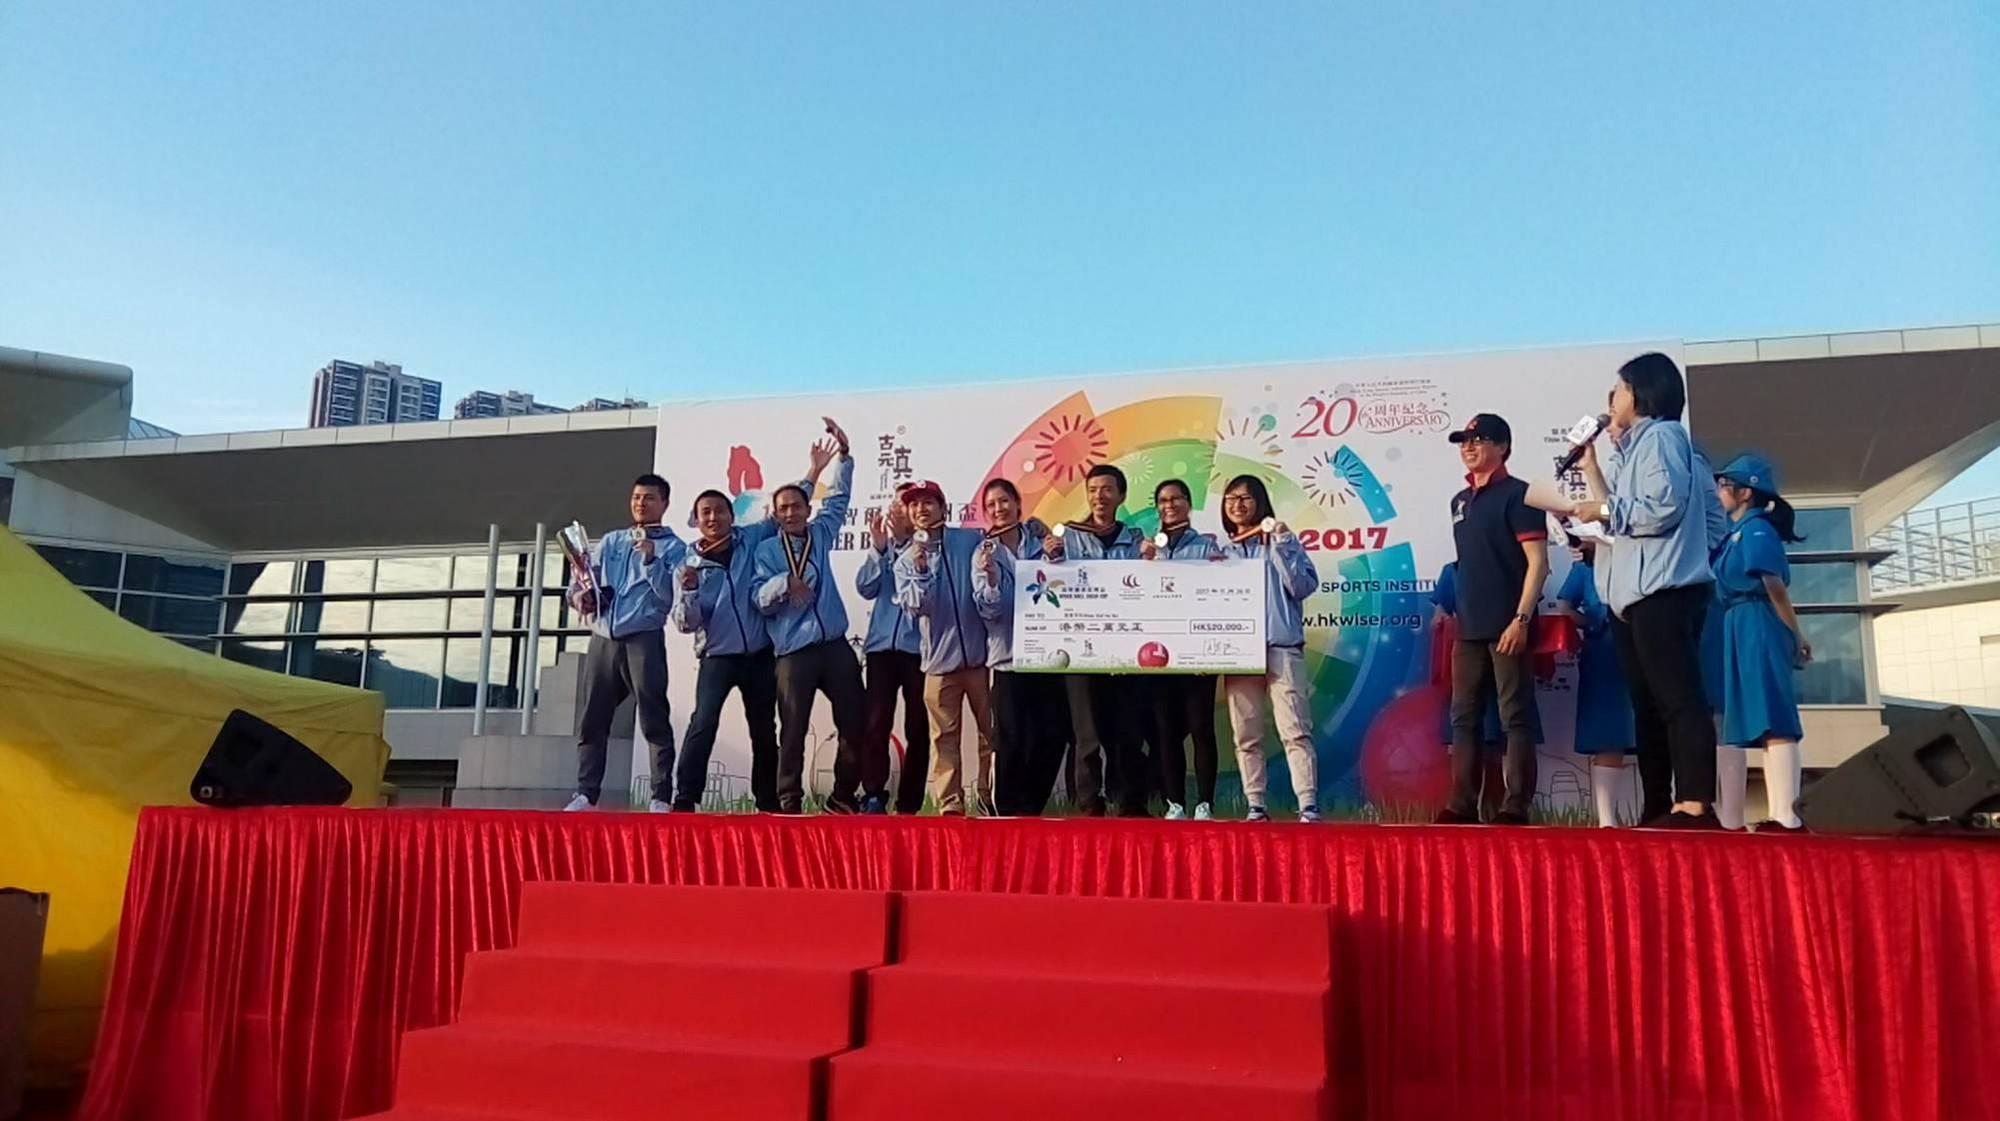 Việt Nam gây sốc với 30 giây cuối tại giải Bóng Trí tuệ châu Á năm 2017 - Ảnh 4.